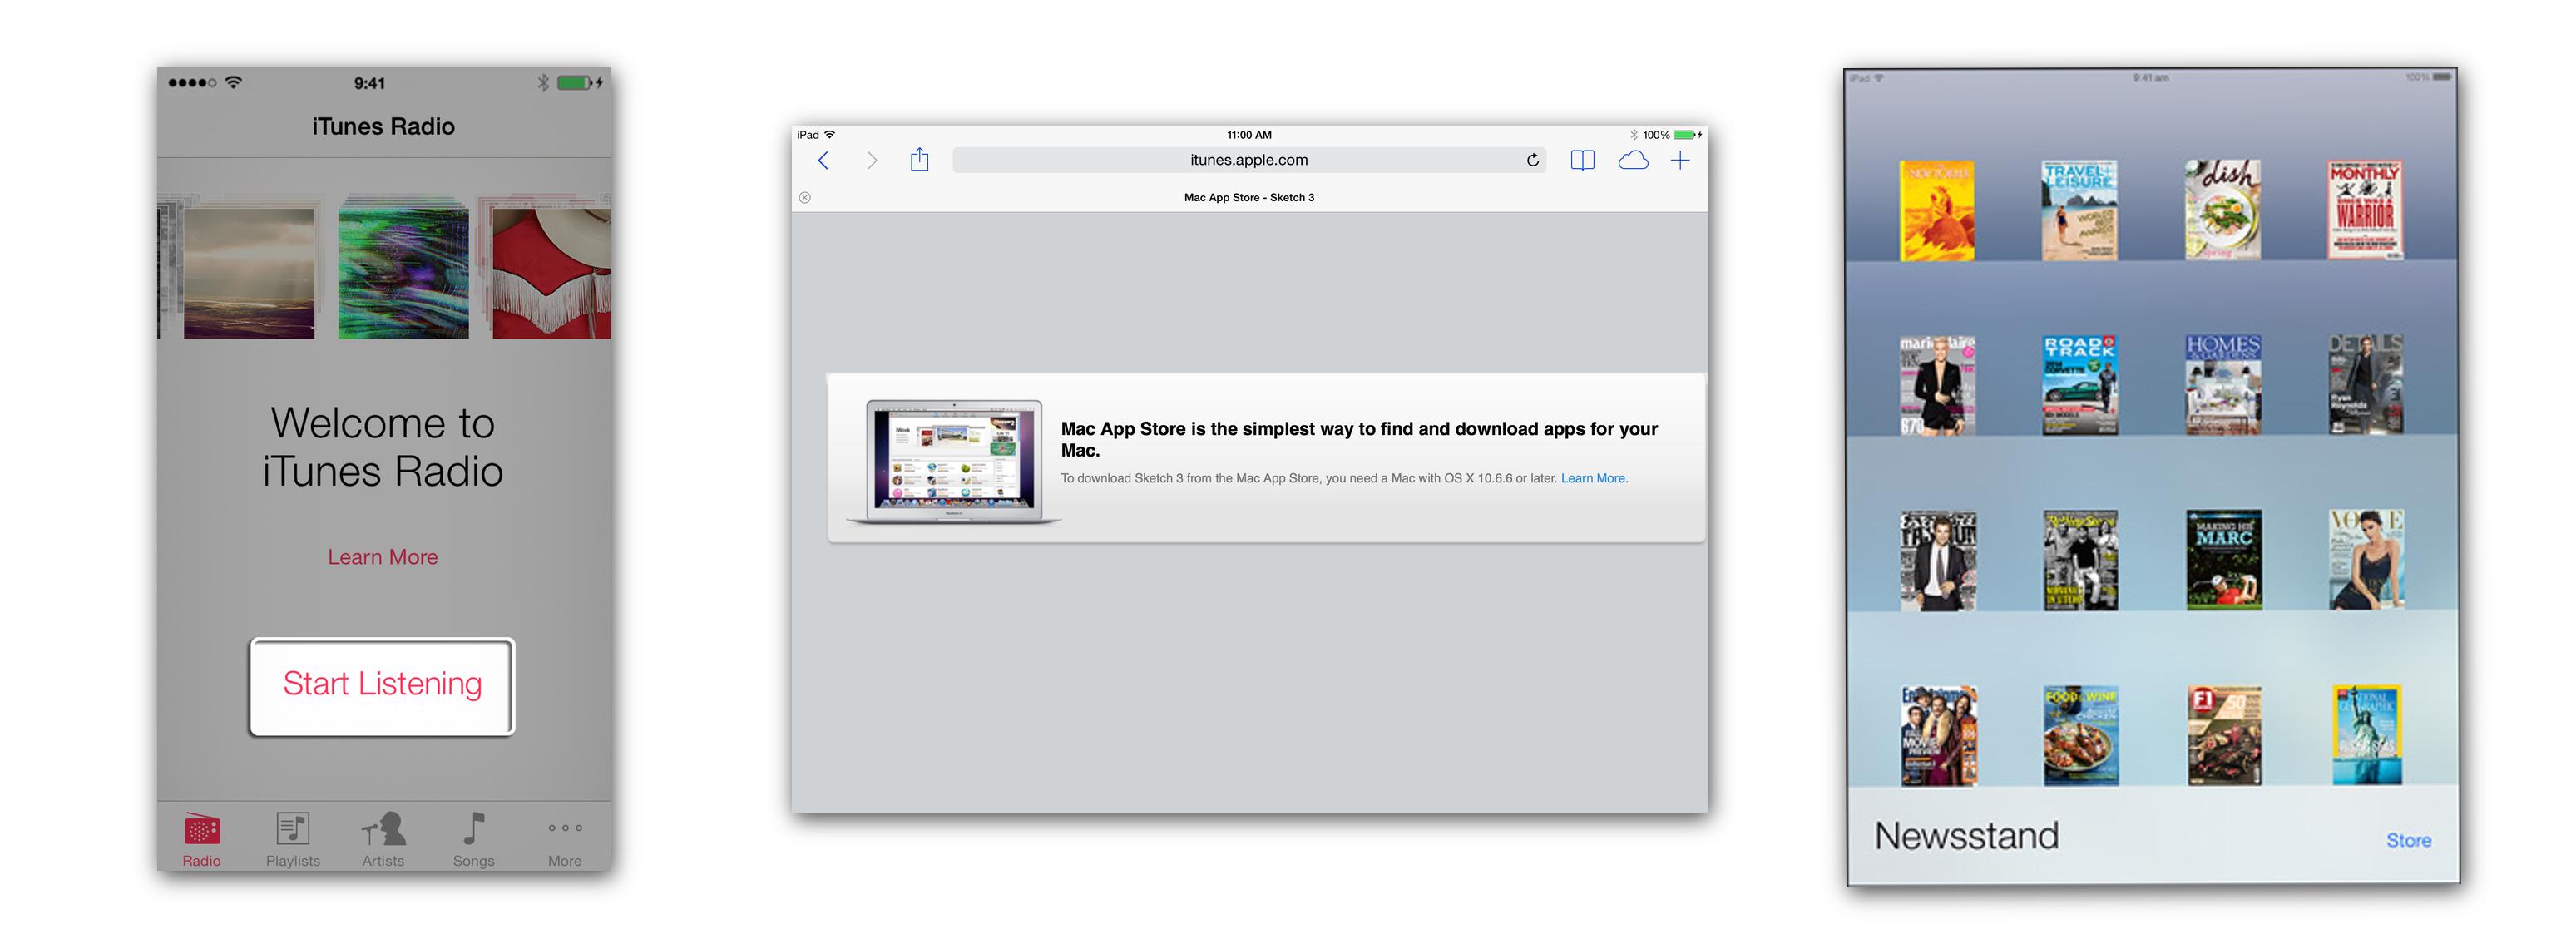 iTunes' identity crisis